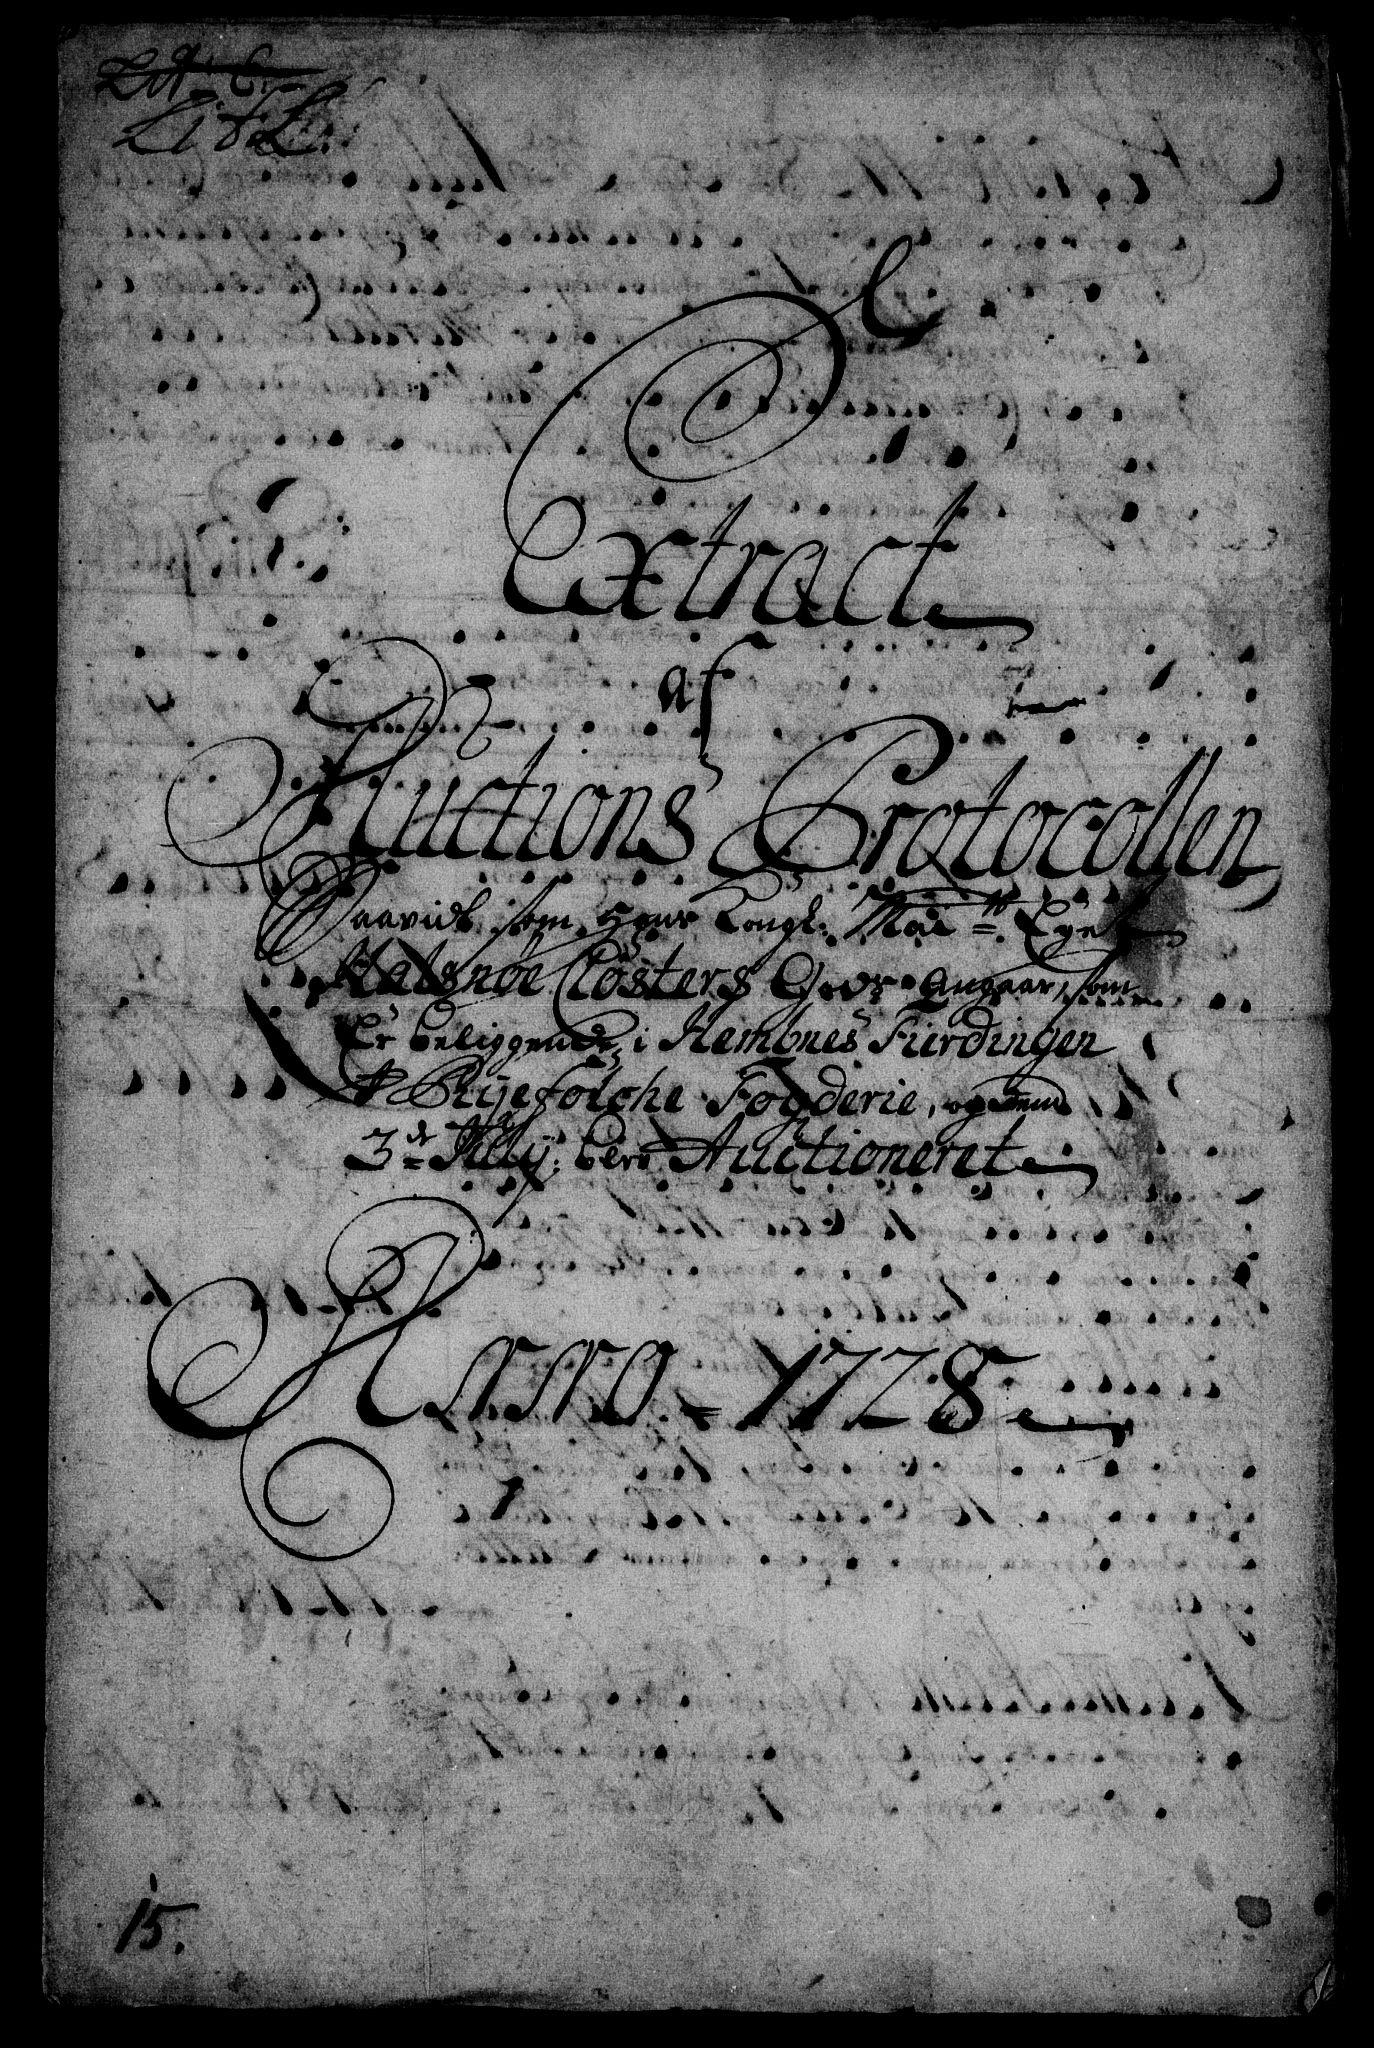 RA, Rentekammeret inntil 1814, Realistisk ordnet avdeling, On/L0003: [Jj 4]: Kommisjonsforretning over Vilhelm Hanssøns forpaktning av Halsnøy klosters gods, 1721-1729, s. 316